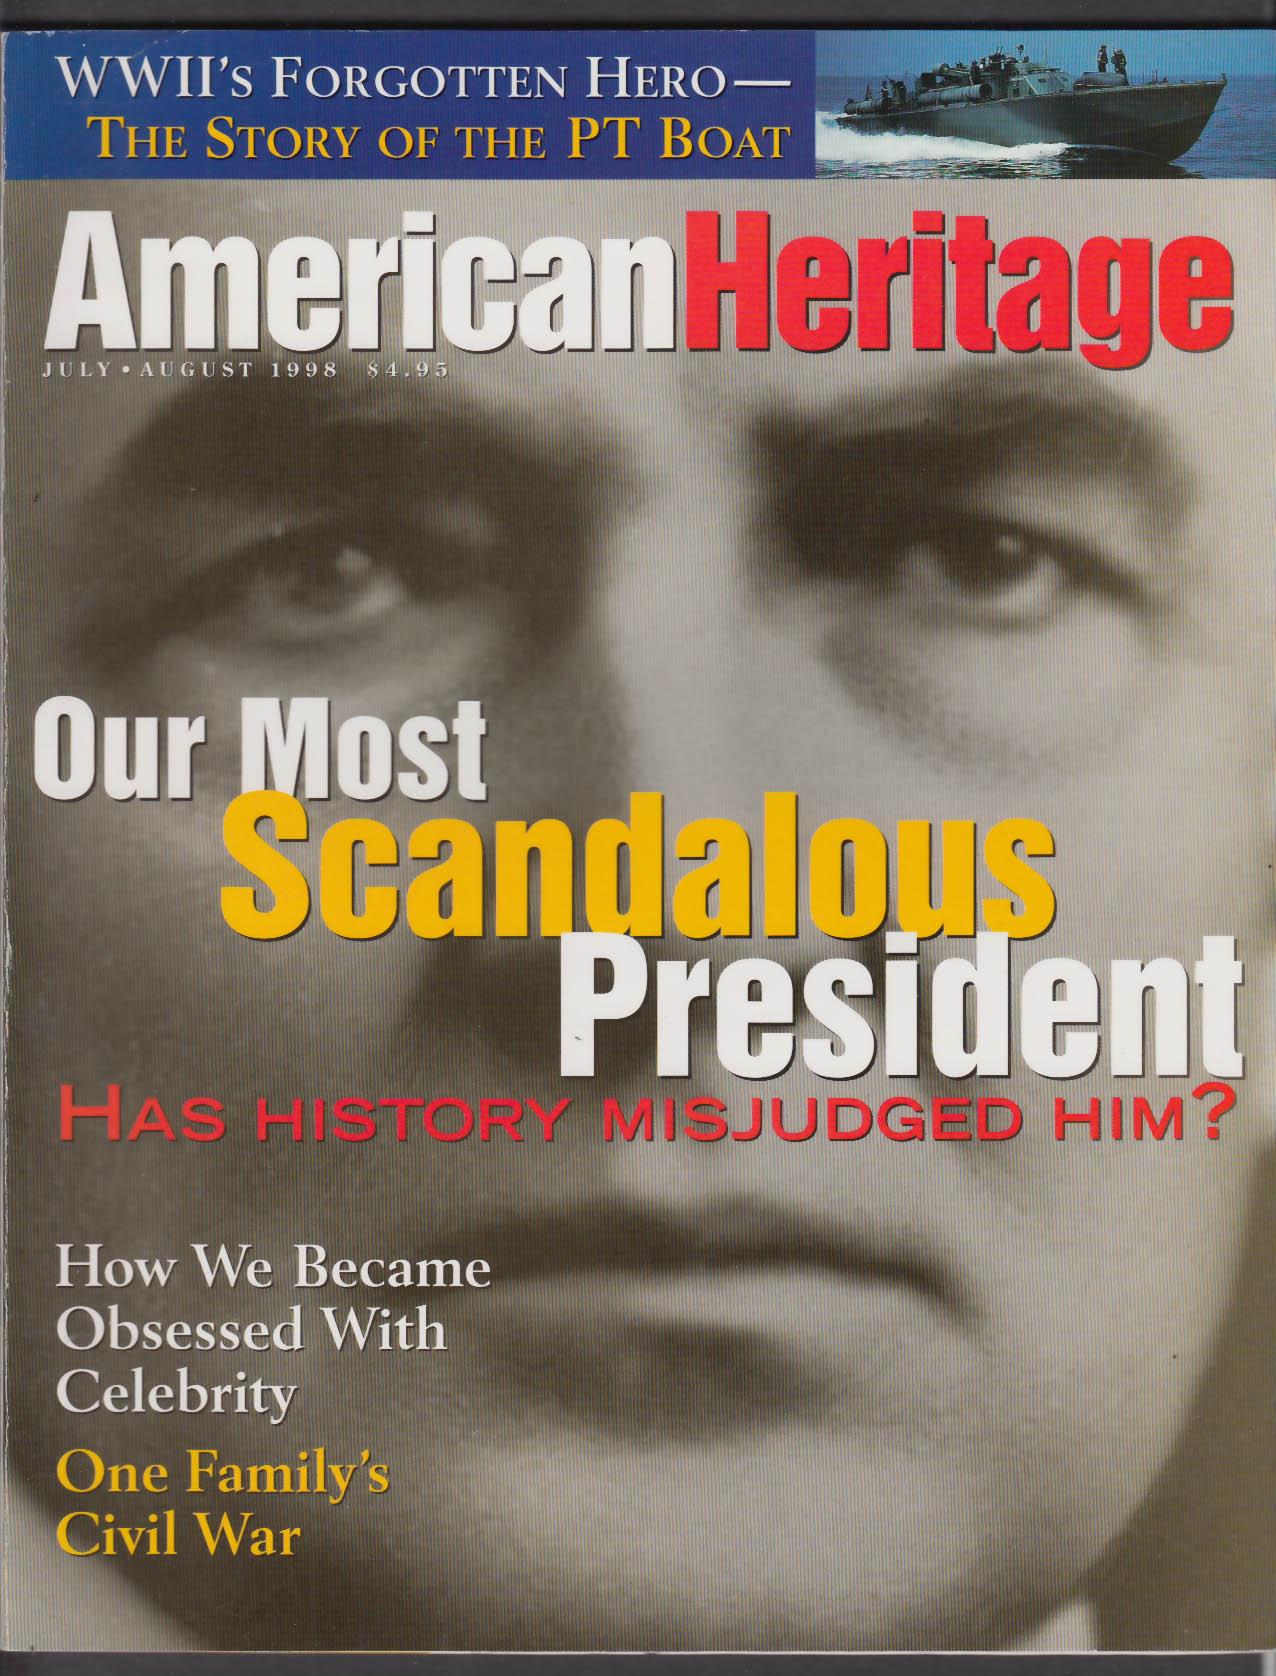 AMERICAN HERITAGE Warren Harding Seabiscuit Al Hirschfeld + 7-8 1998